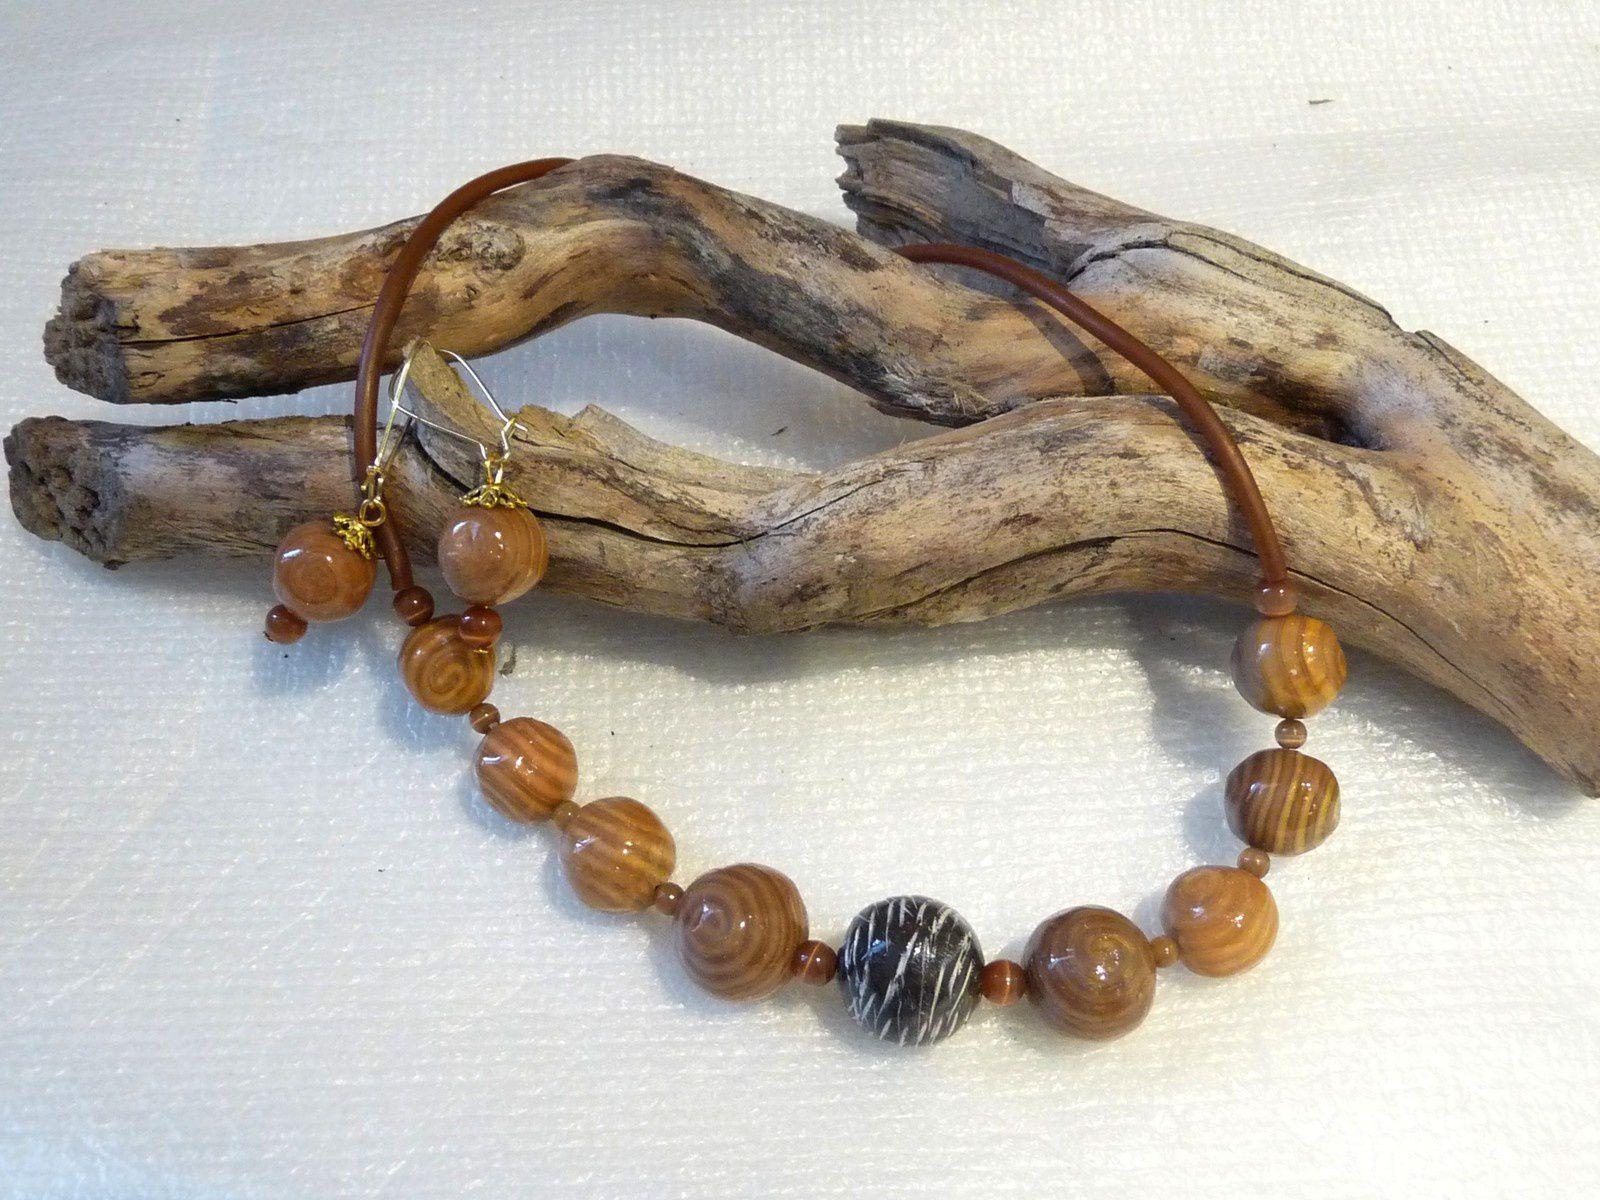 Un collier de perles rondes vortex avec une perles centrale marron structurée et patinée assorti d'une paire de boucles d'oreille perles rondes montées chacune sur une grande dormeuse dorée